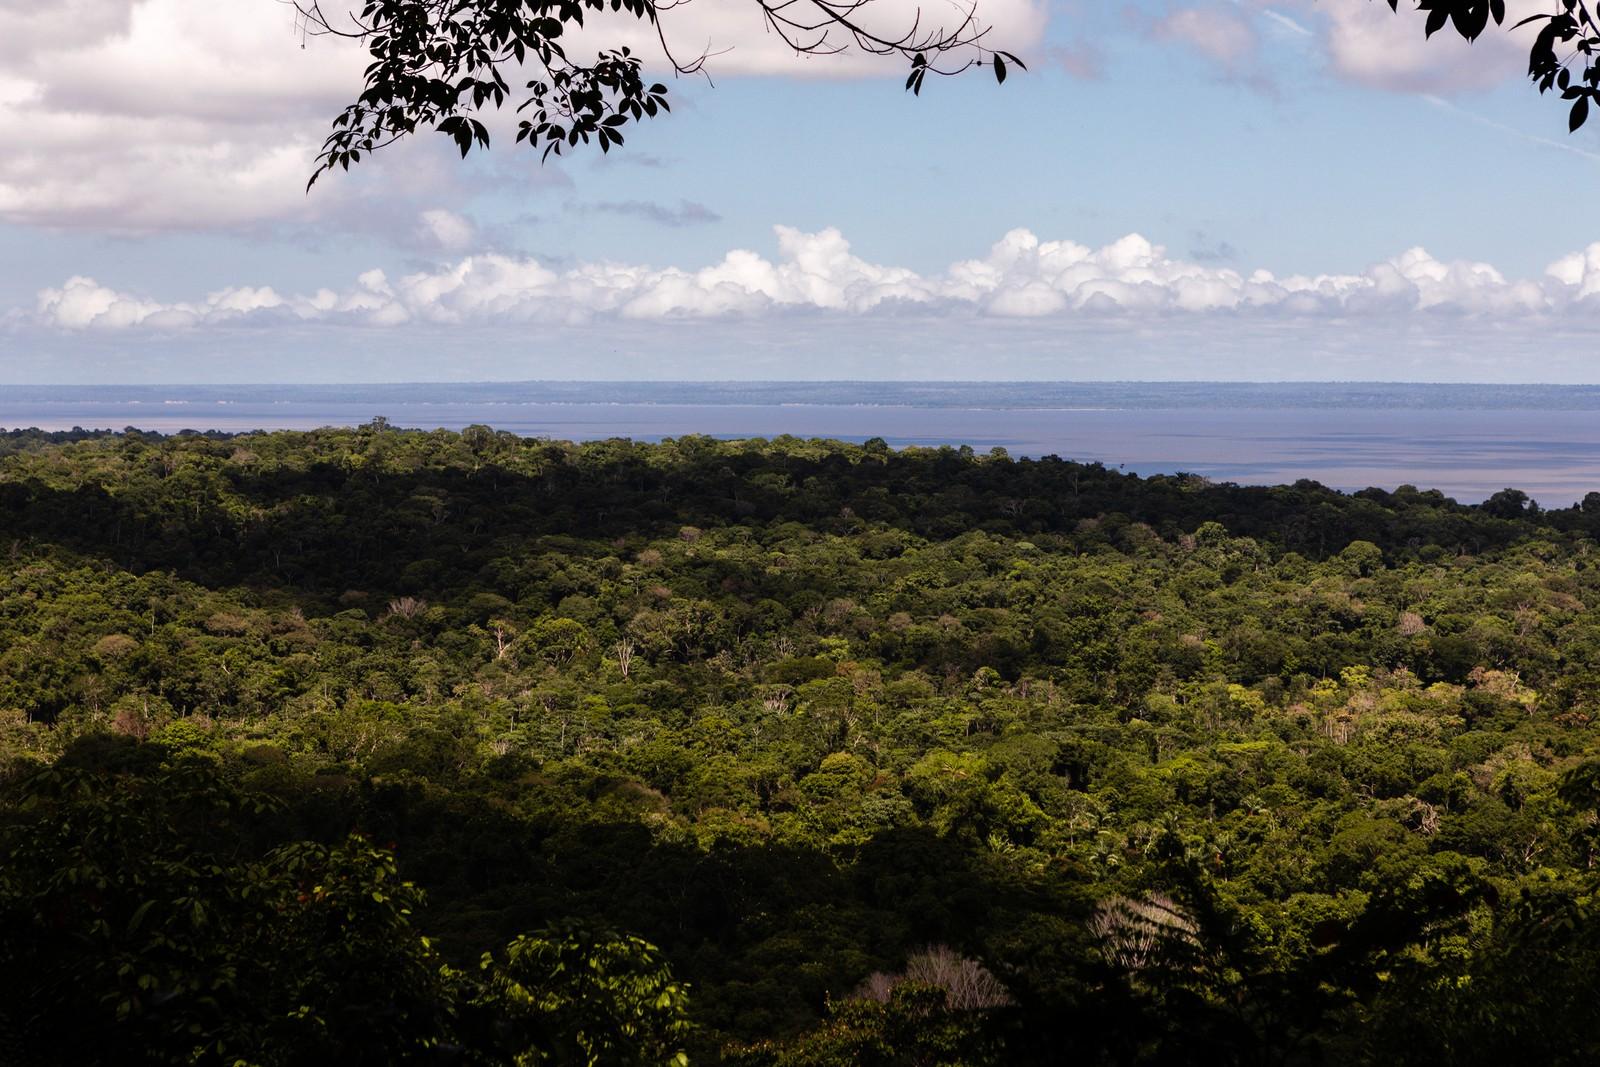 Áreas da Amazônia que deveriam ter 'desmatamento zero' perdem 6 cidades de SP em três décadas